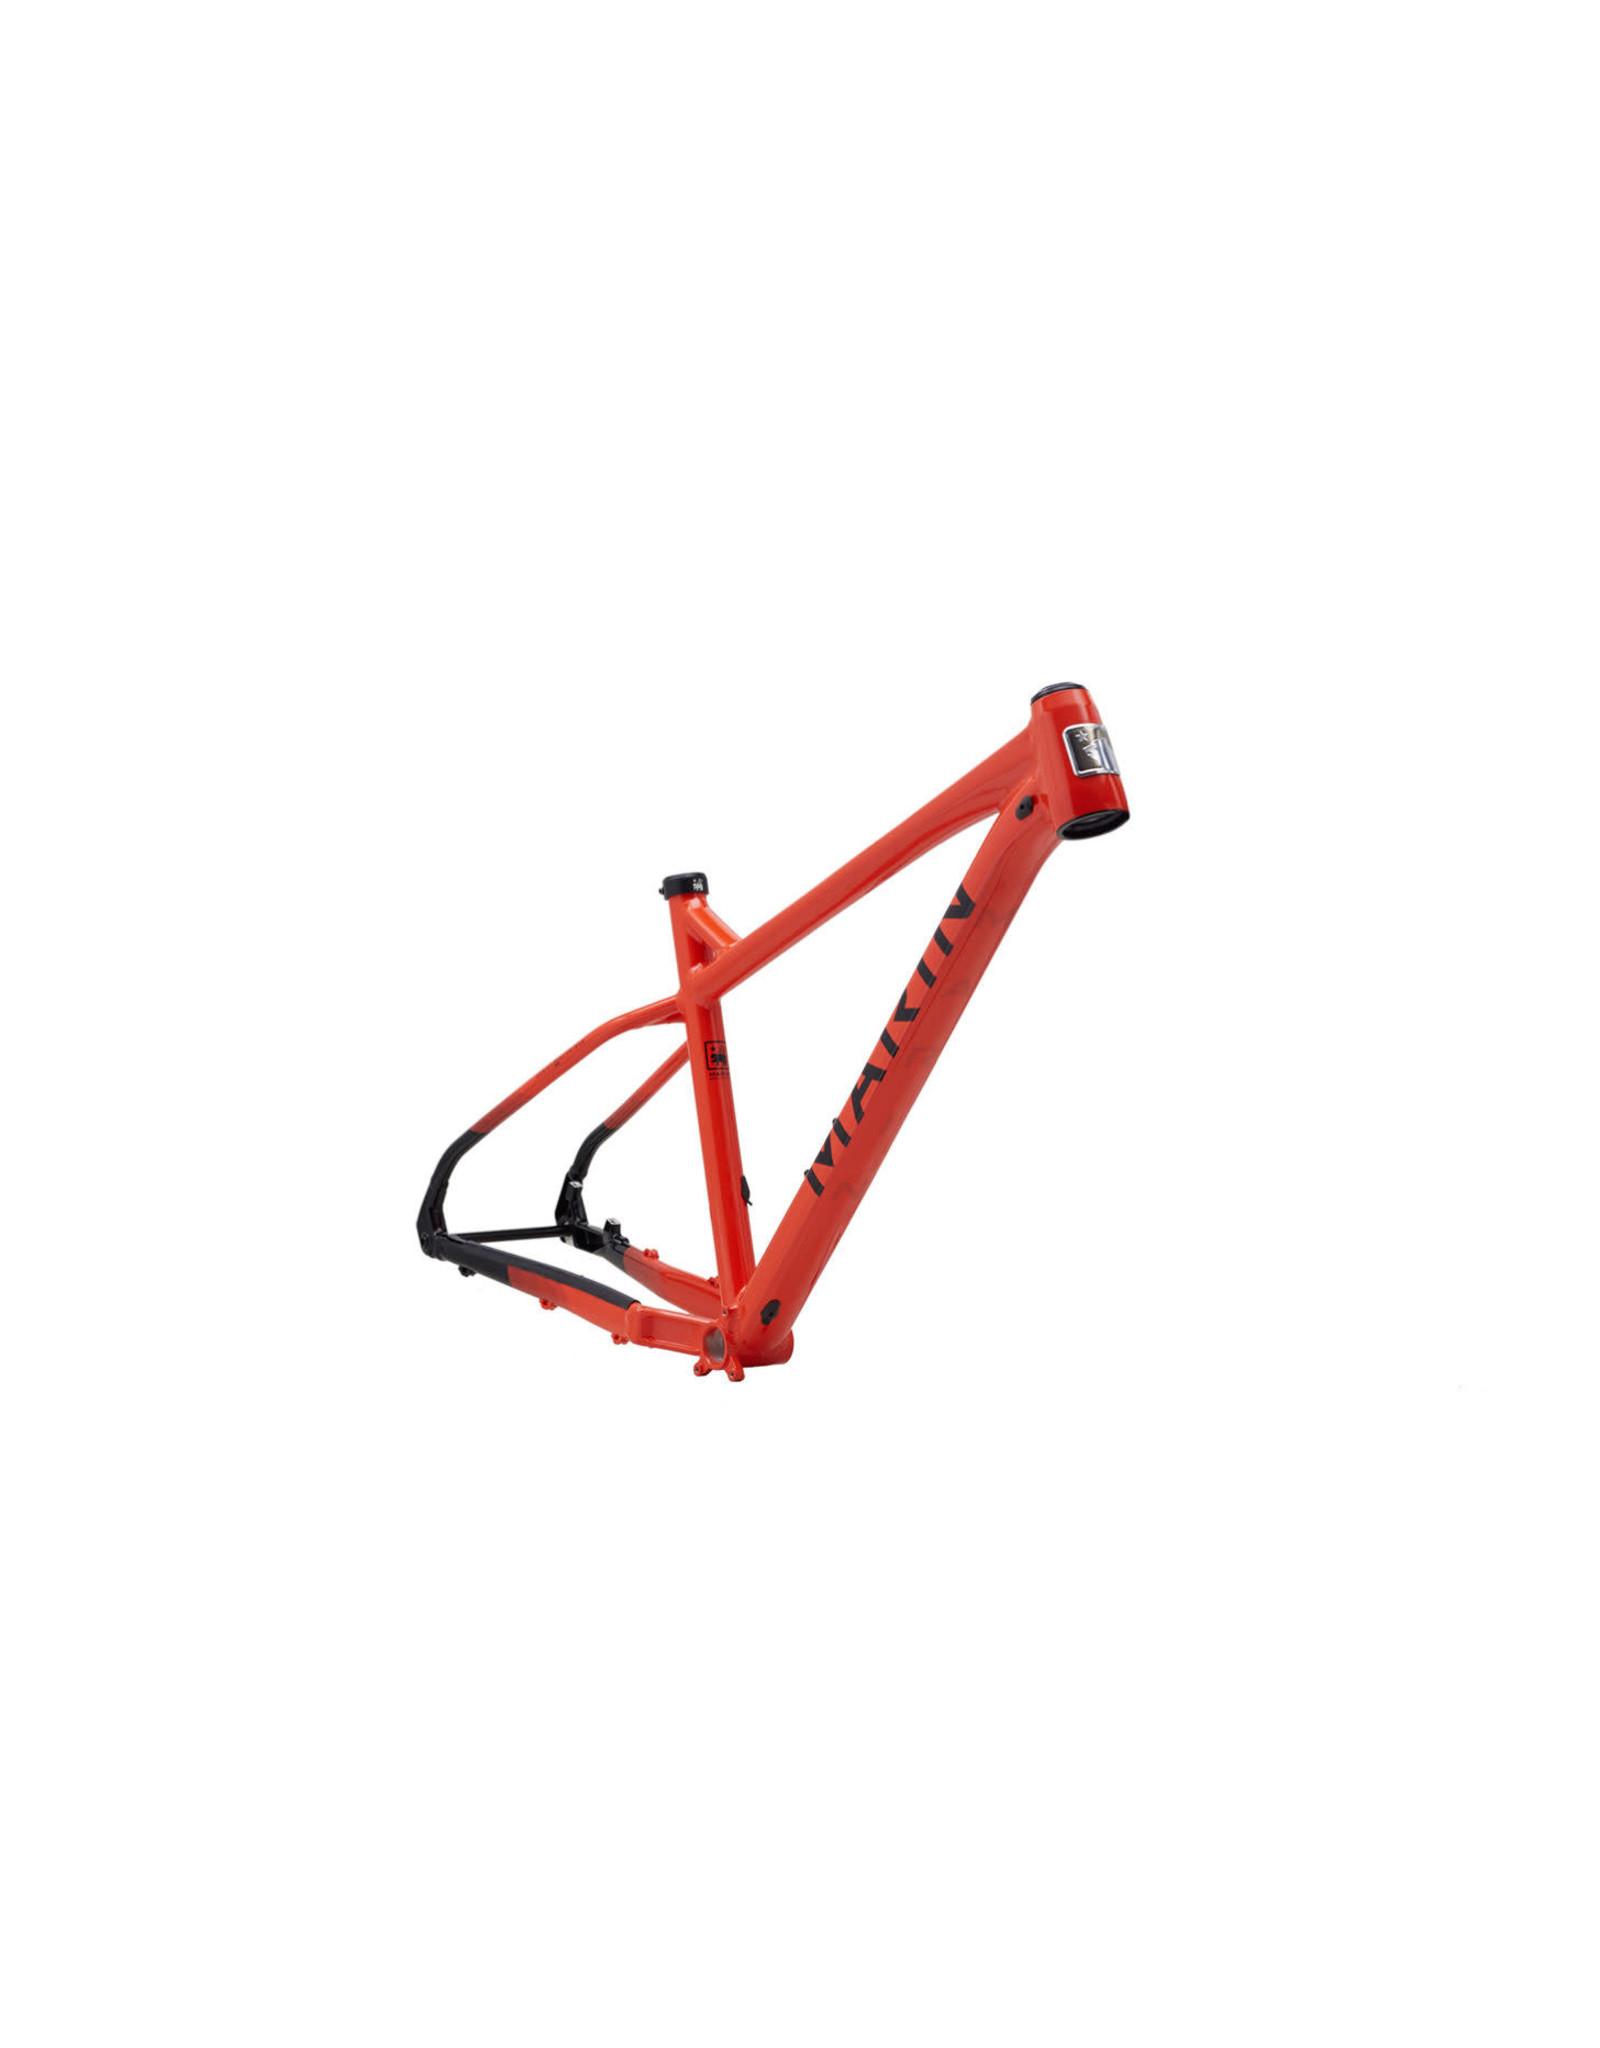 Marin Bikes 2021 Marin San Quentin 3 Frame Kit